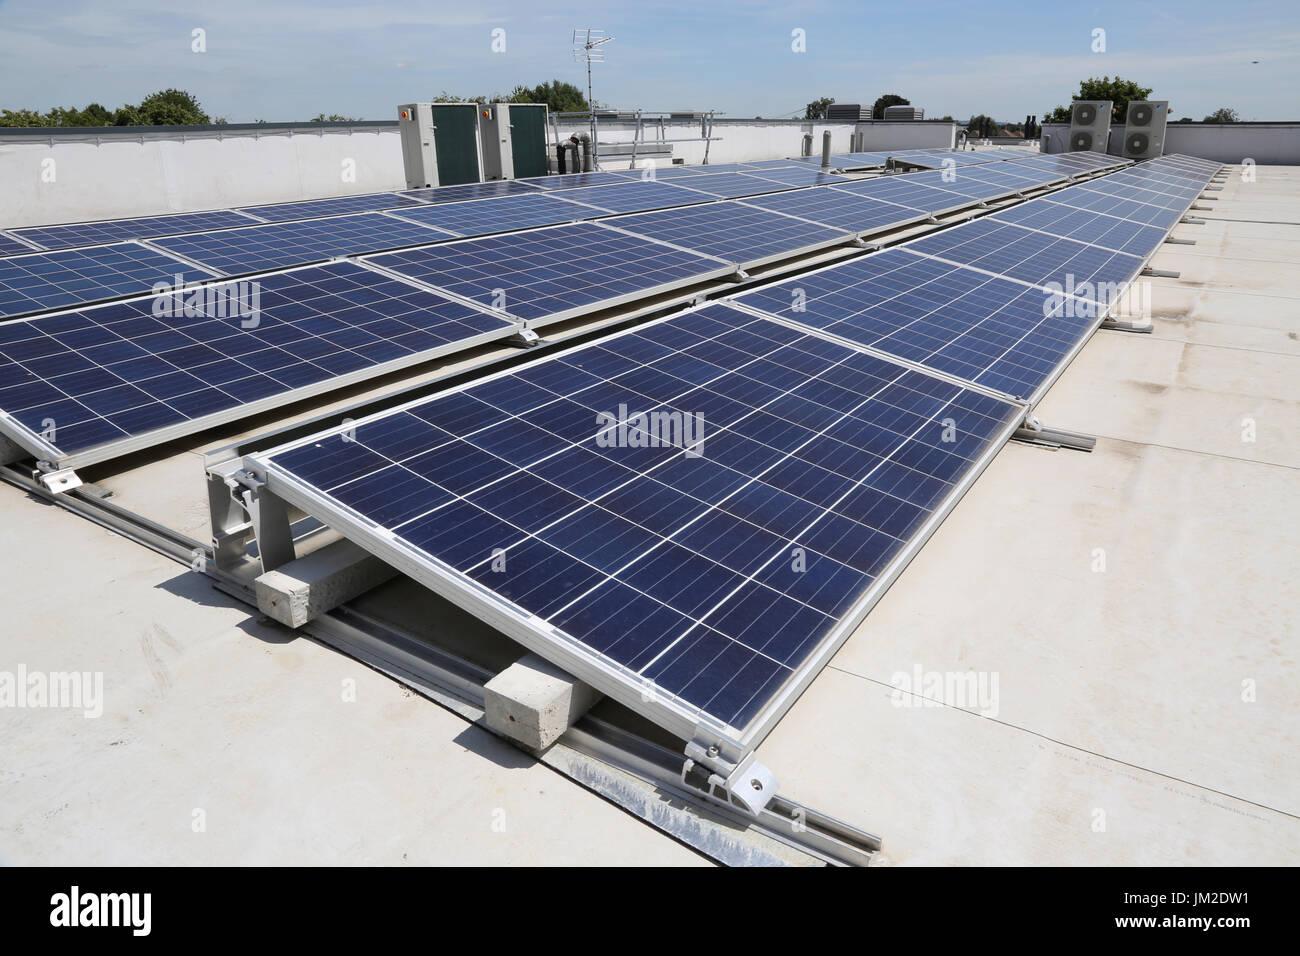 Los paneles solares fotovoltaicos en el techo plano de una nueva escuela primaria en Essex, Reino Unido Imagen De Stock